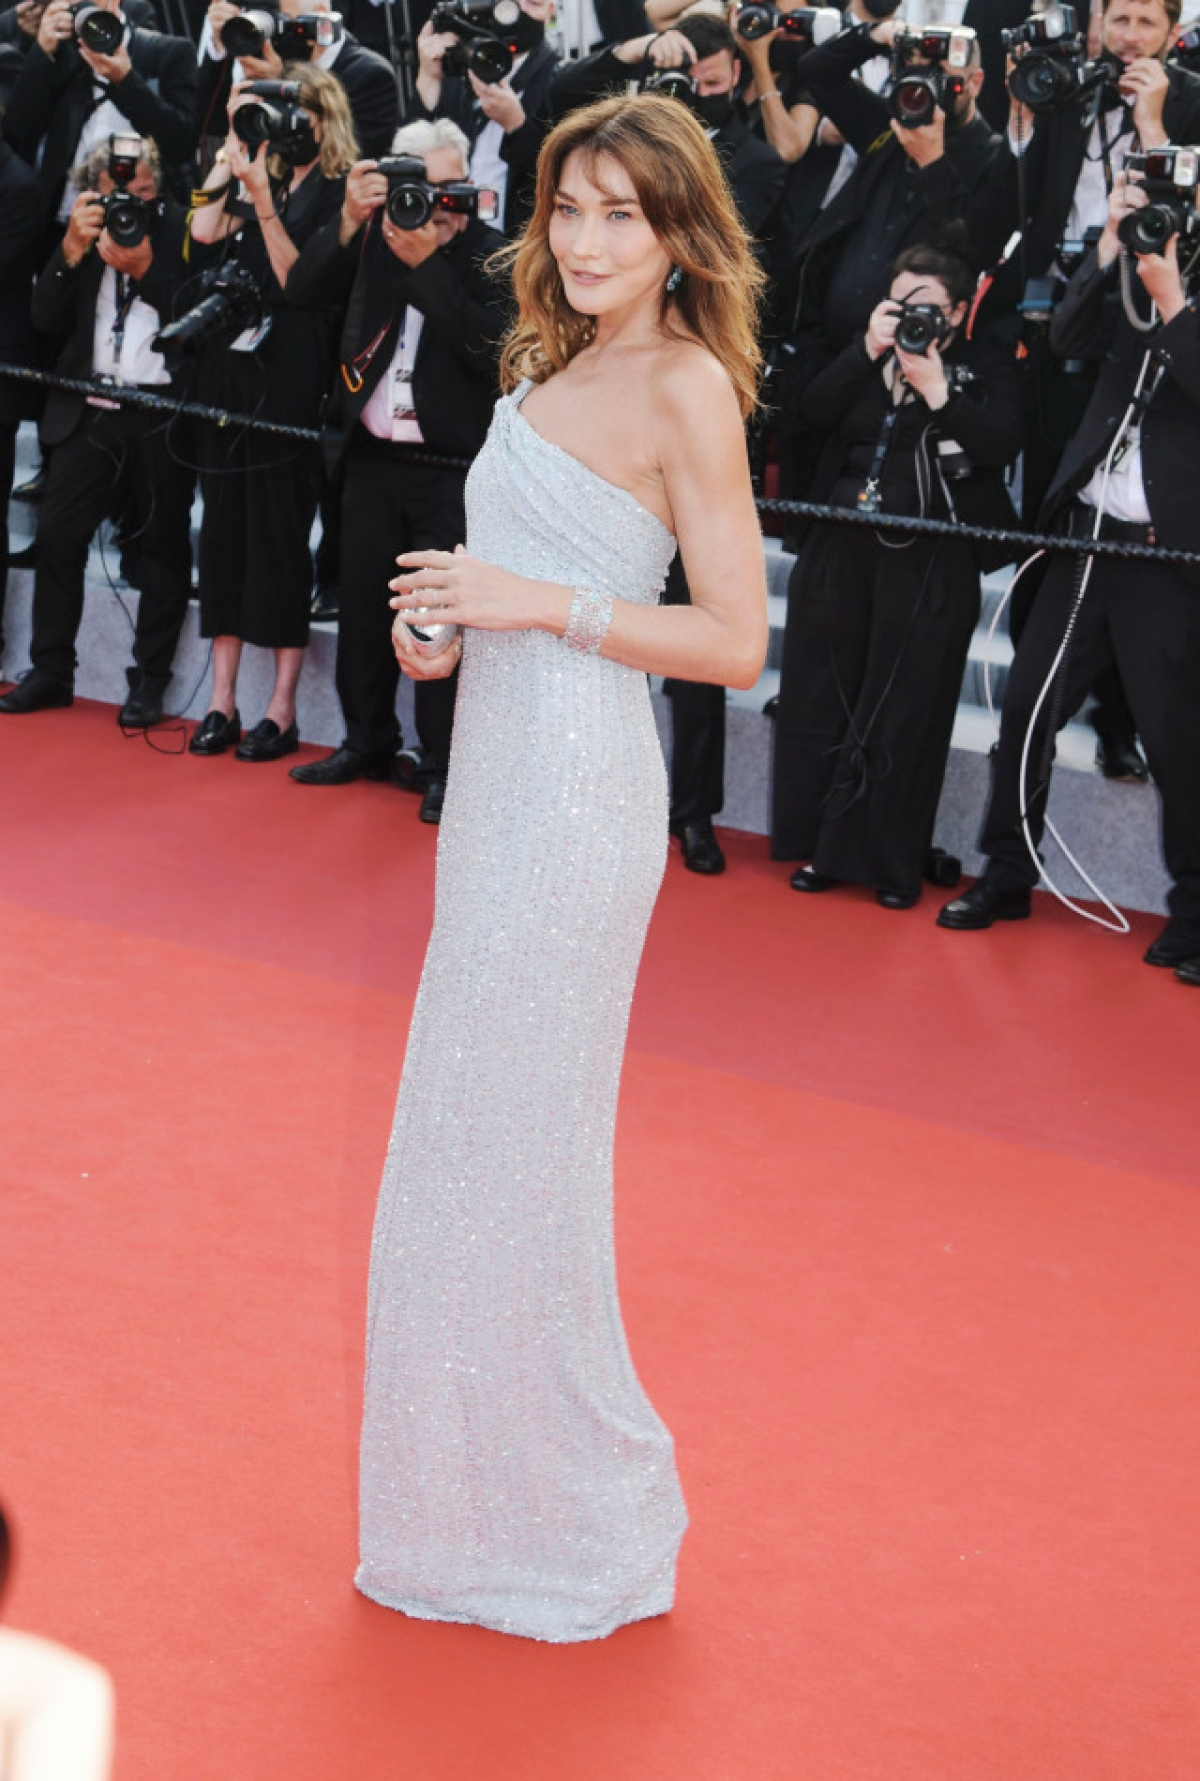 Cựu đệ nhất phu nhân Pháp đã diện những thiết kế đến từ các nhà mốt như Celine và Saint Laurent. Cô tham dự đêm khai mạc của liên hoan phim với một chiếc váy thanh lịch, vừa vặn của Hedi Slimane.